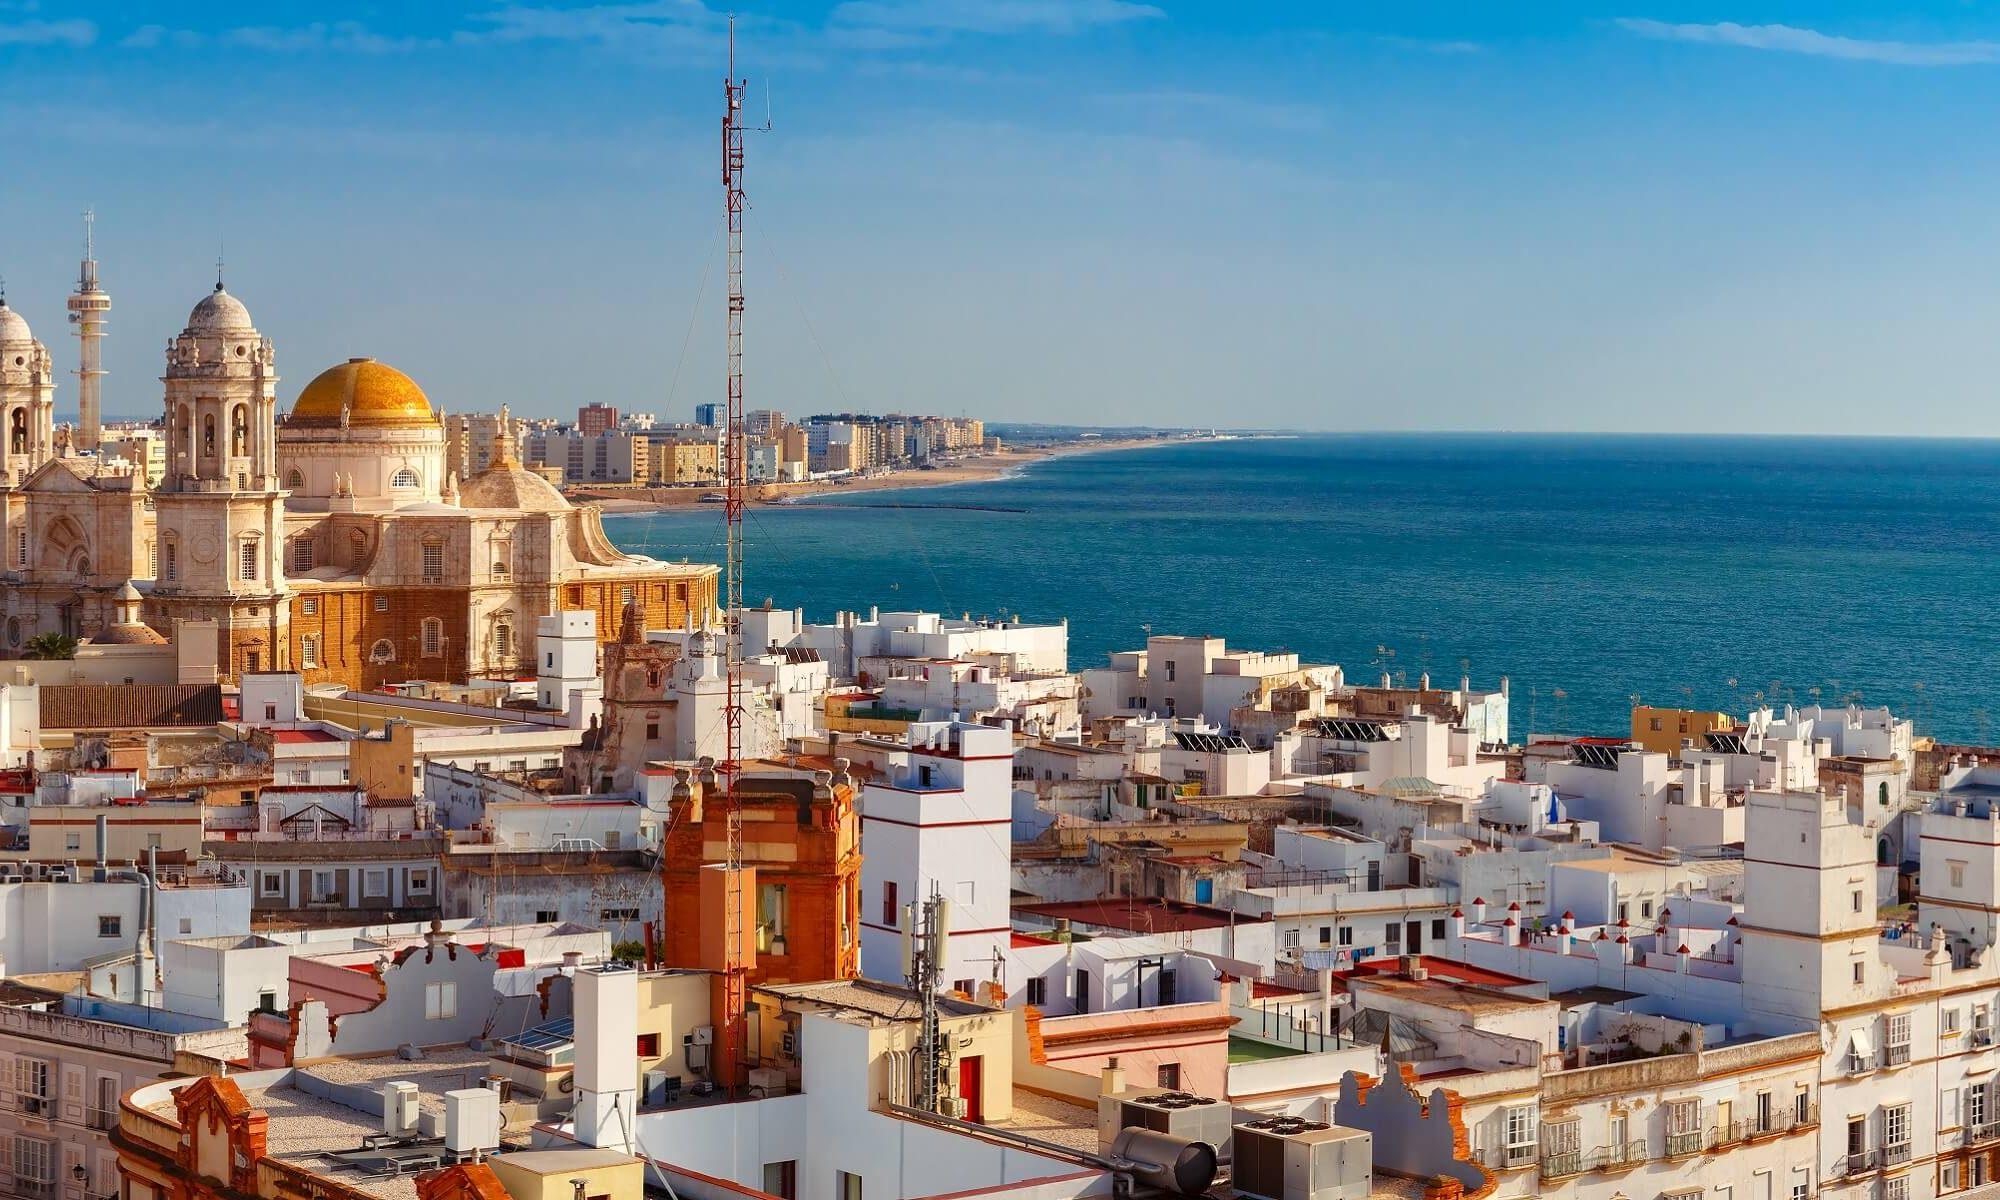 Cadiz dieälteste Stadt Europas, derenAltstadt von drei Seiten vom Meer umschlossenist.